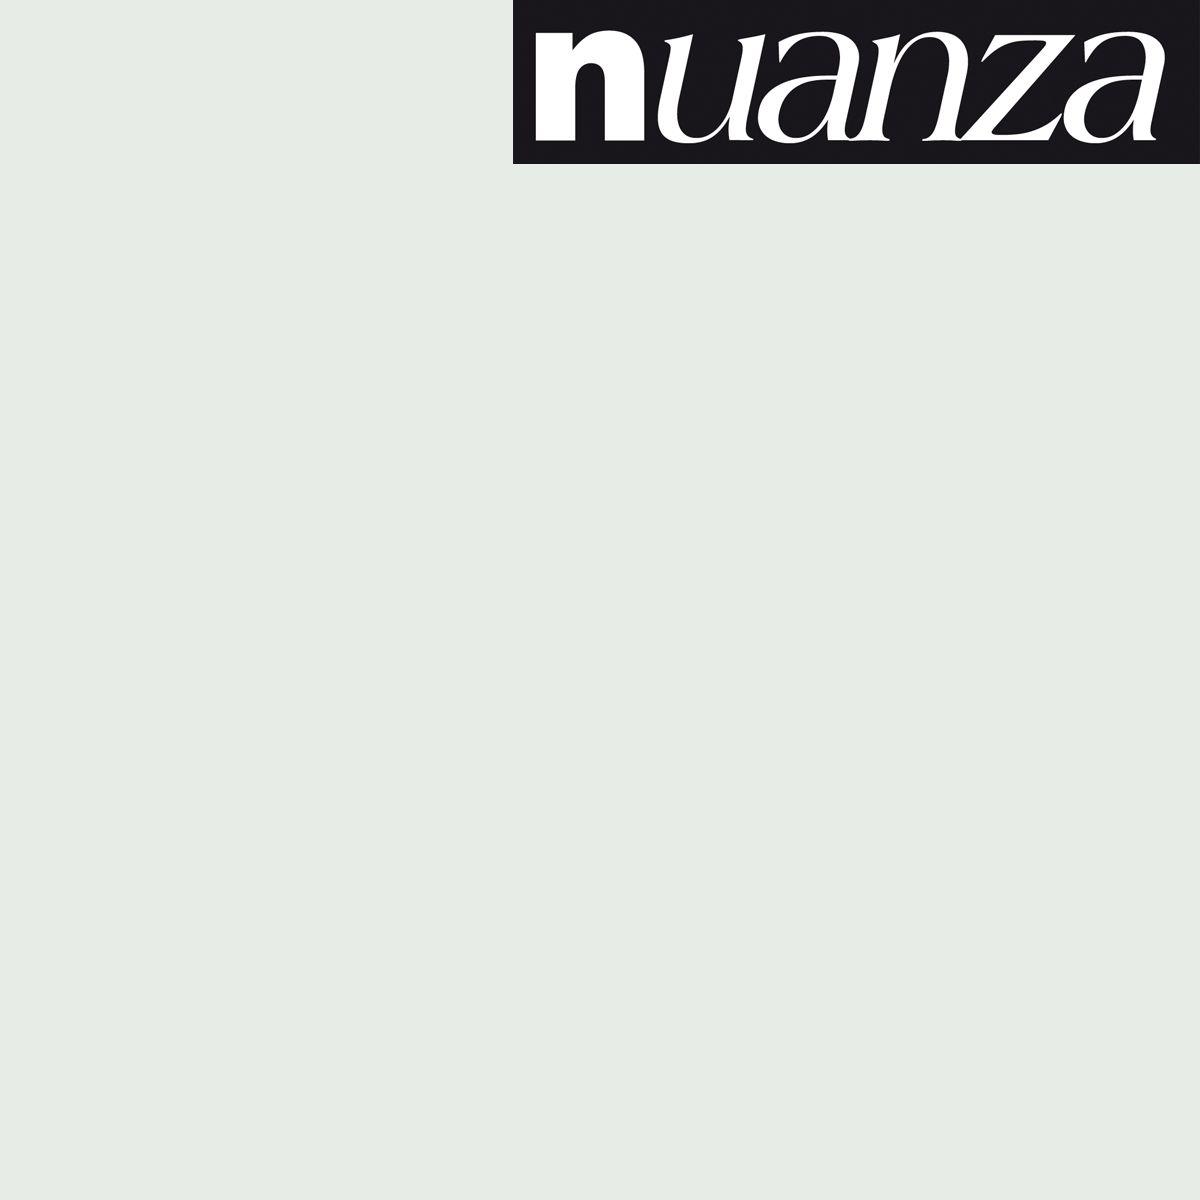 Peinture Nuanza satin givre 2.5l